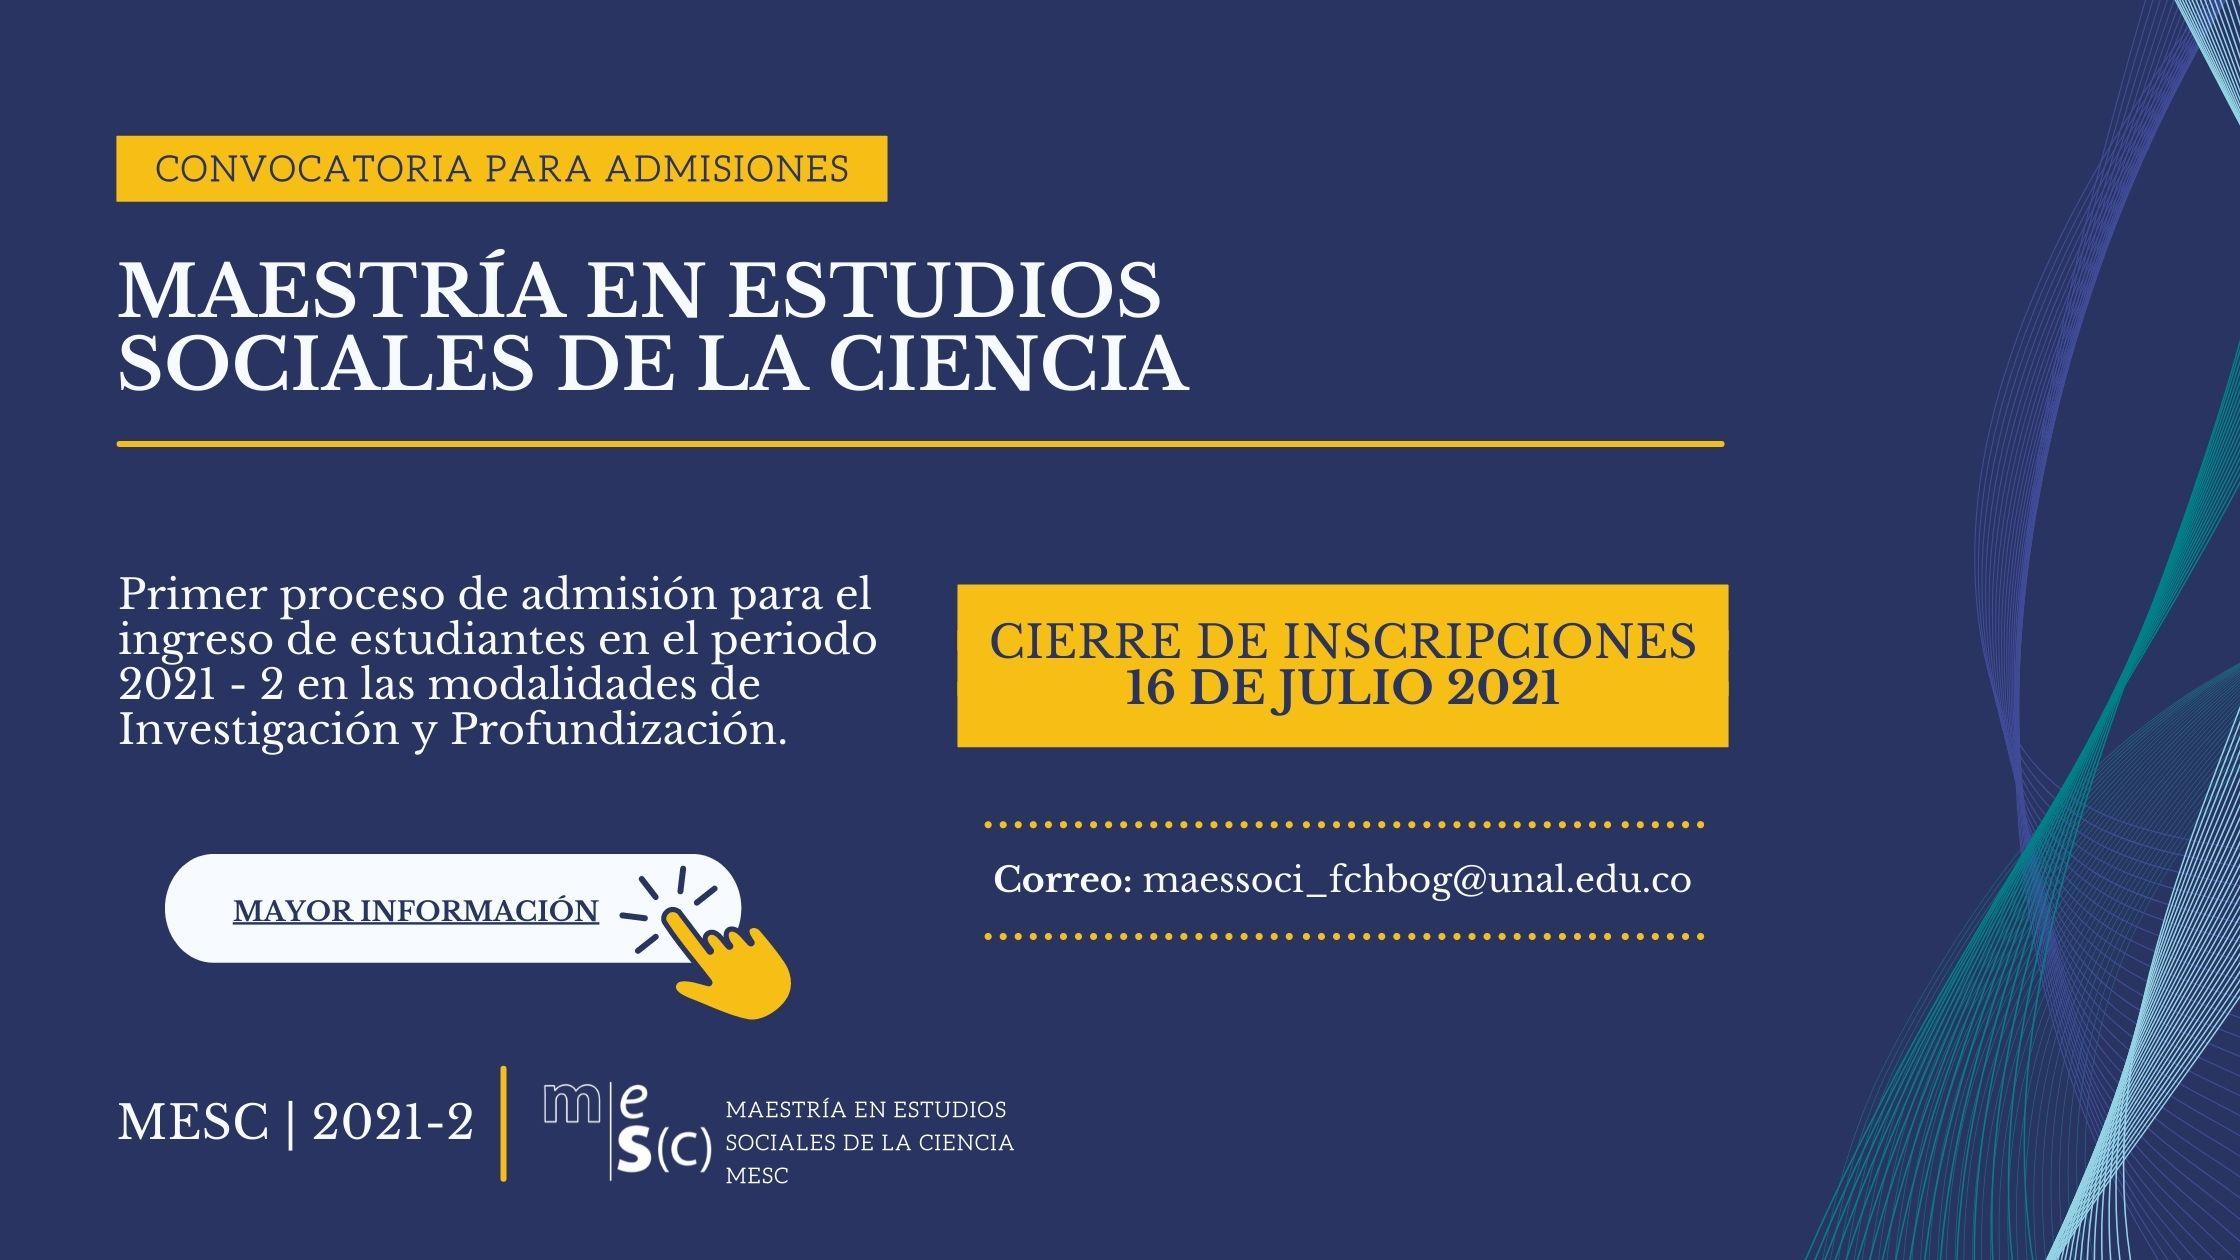 [Hasta el 16 de julio de 2021] Convocatoria para admisiones Maestría en Estudios Sociales de la Ciencia